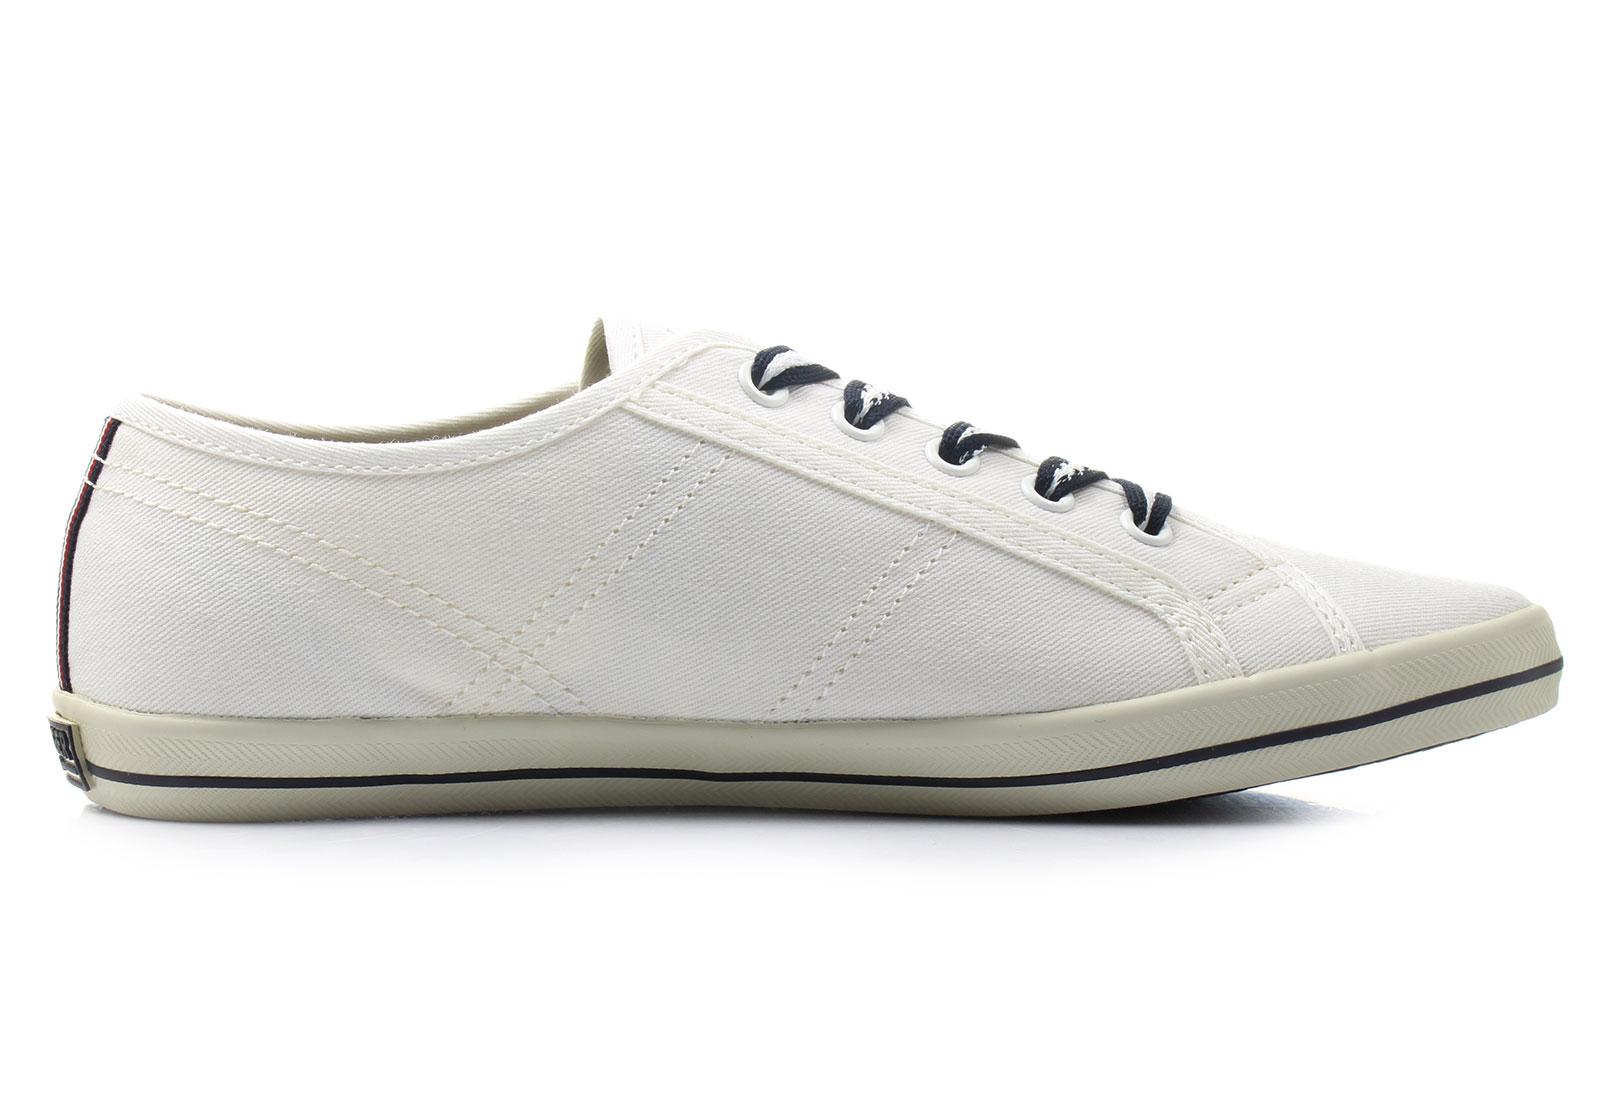 tommy hilfiger shoes victoria 2d 16s 0840 118 online shop for. Black Bedroom Furniture Sets. Home Design Ideas